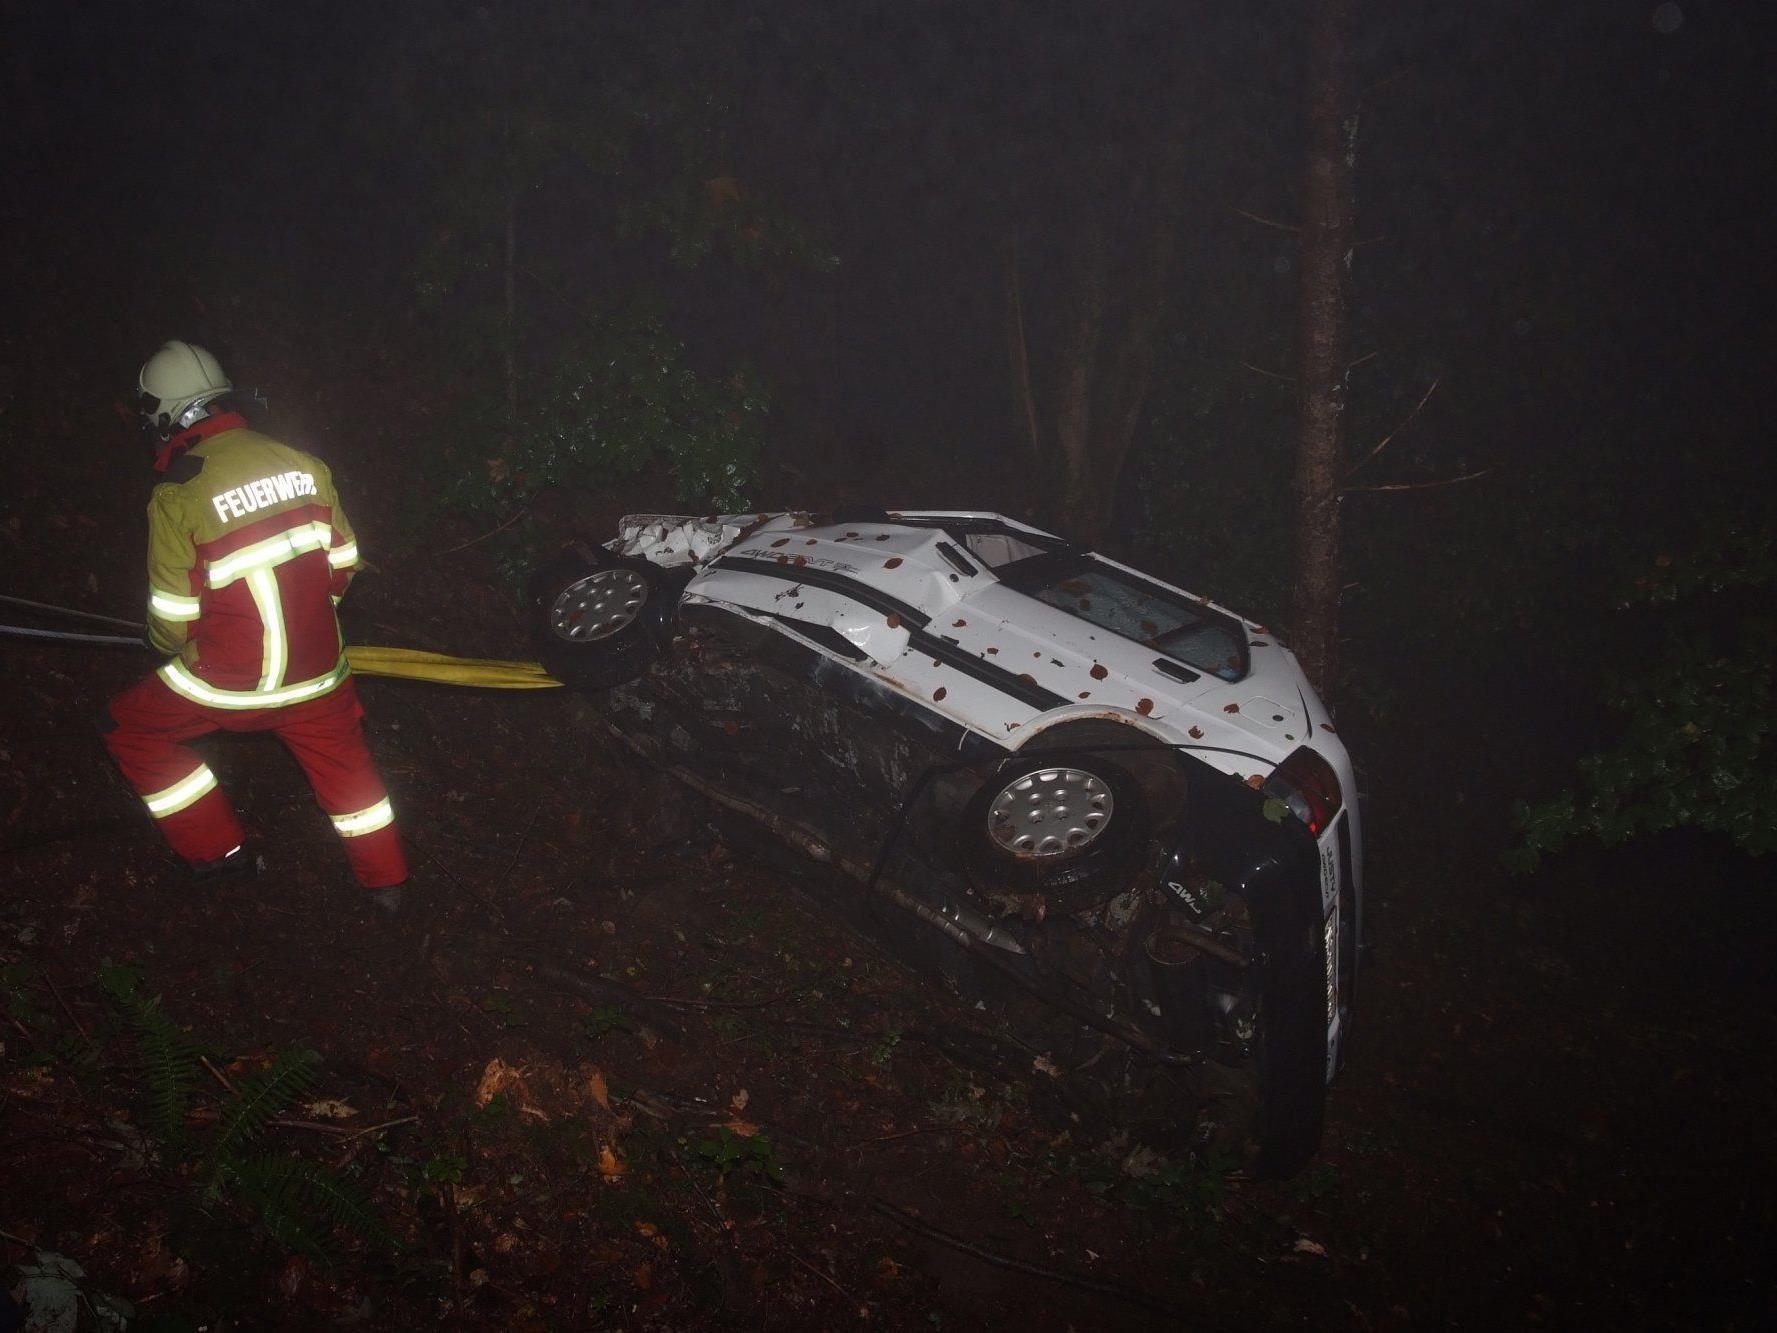 Der Wagen, in dem die Frau einen ganzen Tag verletzt neben ihrem toten Ehemann ausharren musste.